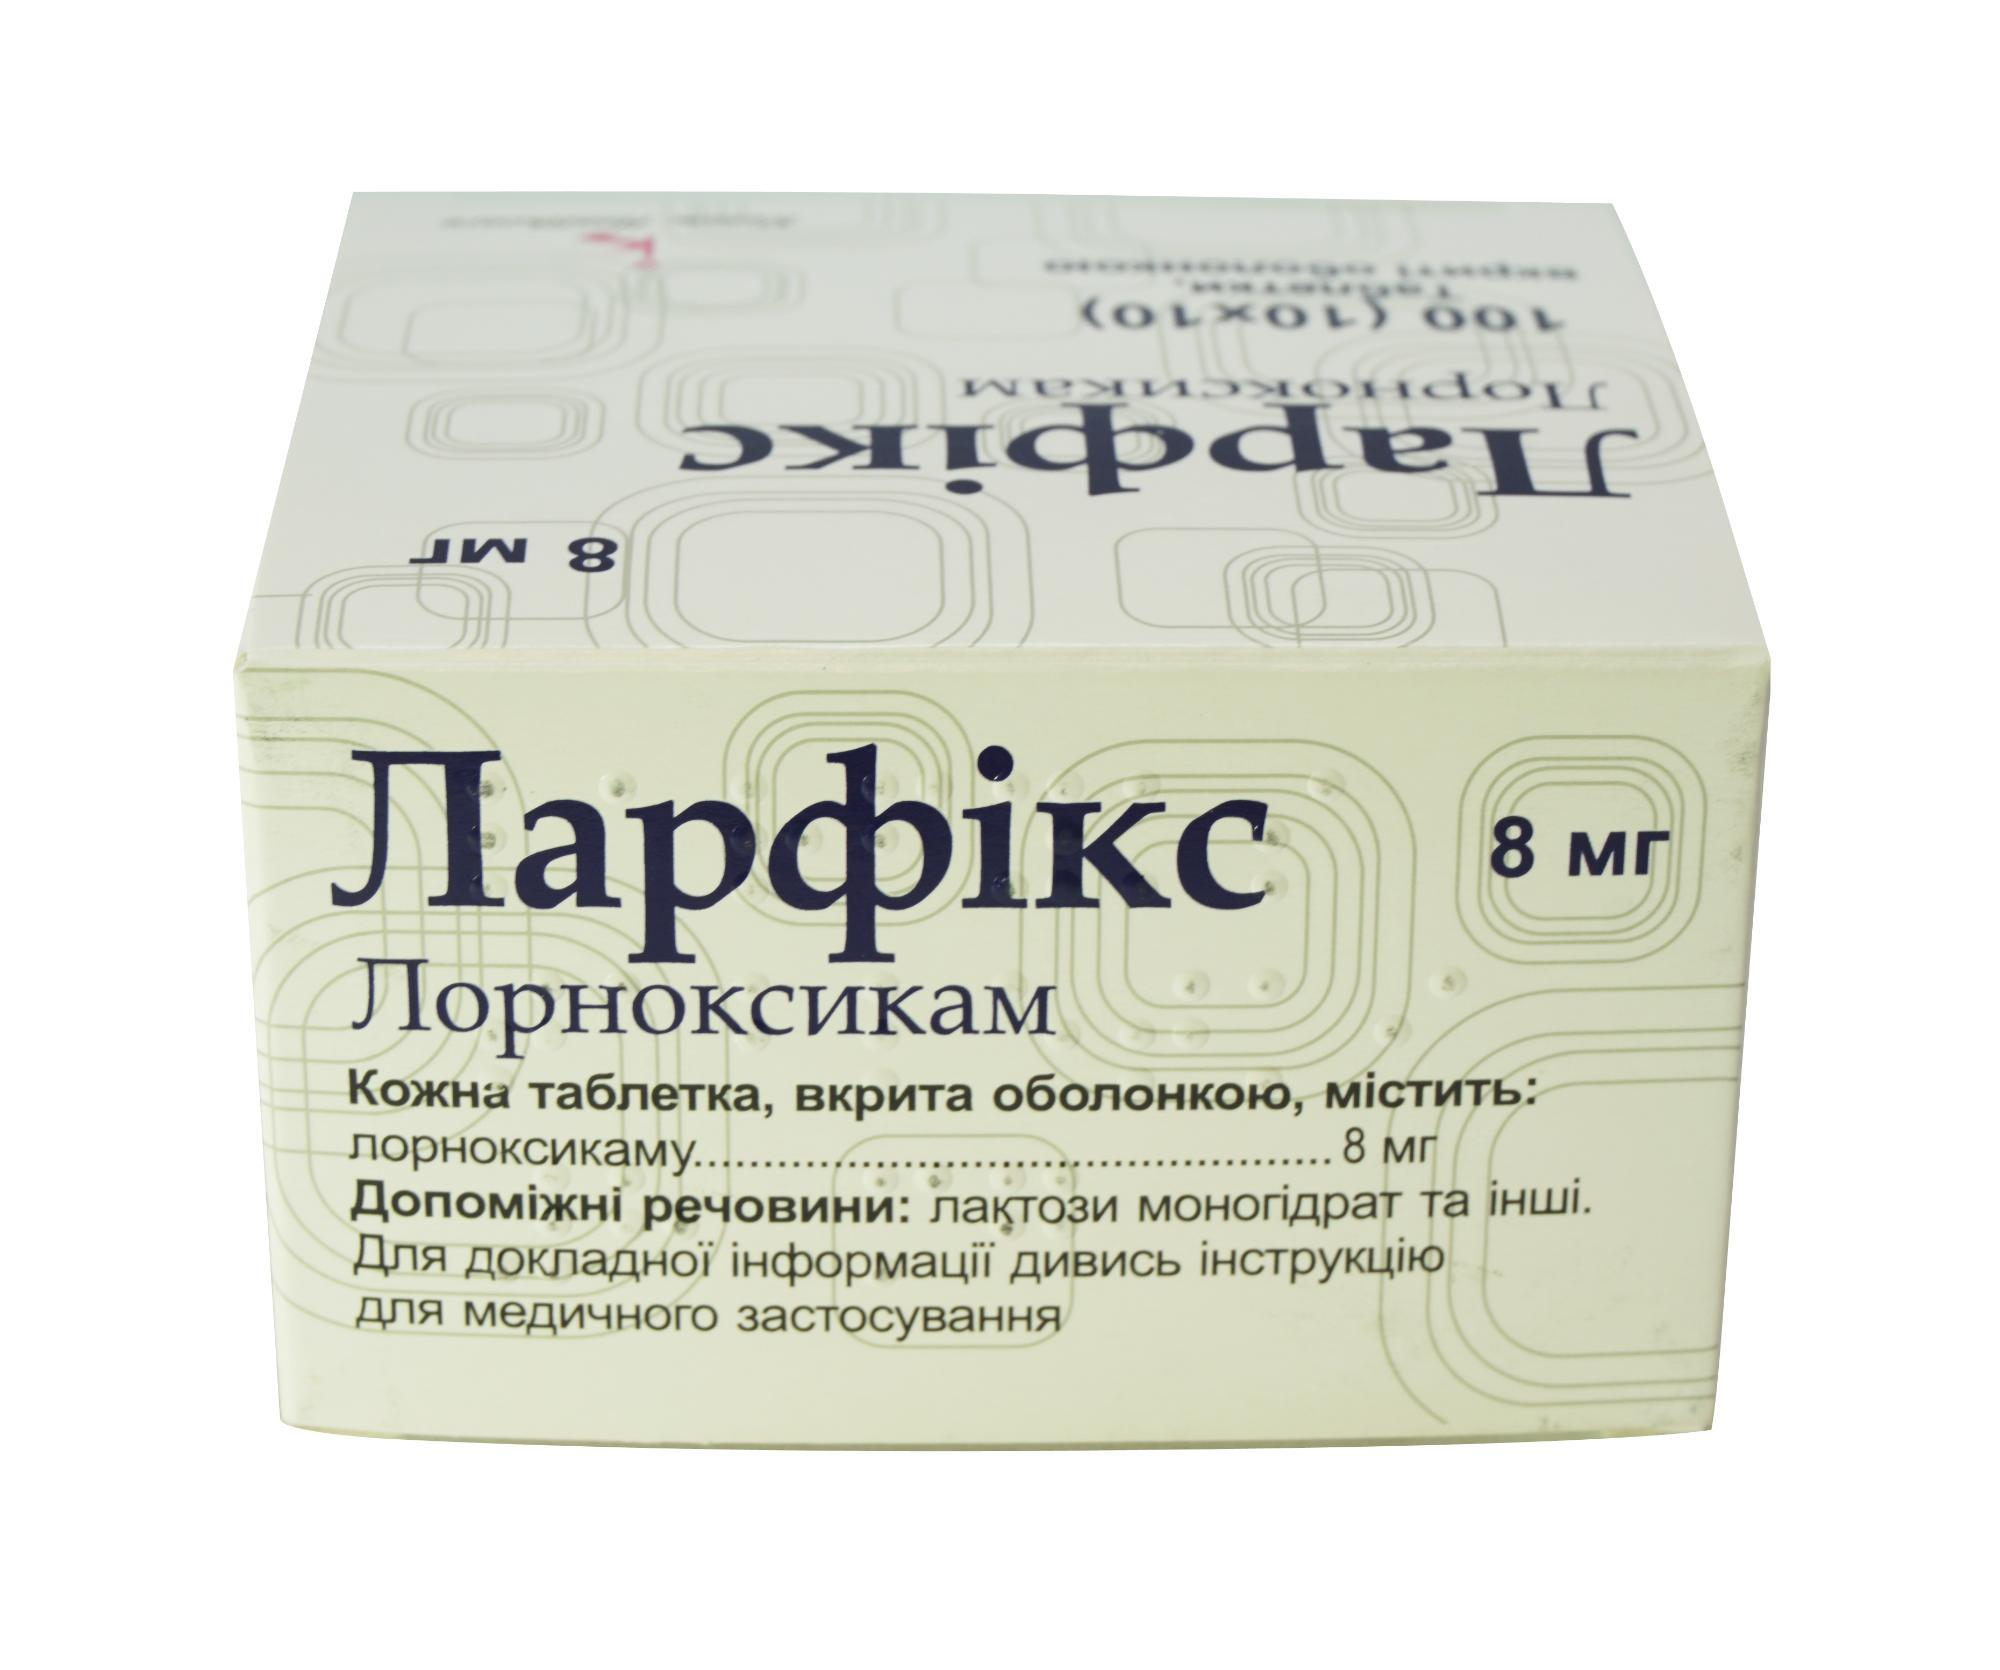 Нестероидный противовоспалительный препарат ларфикс